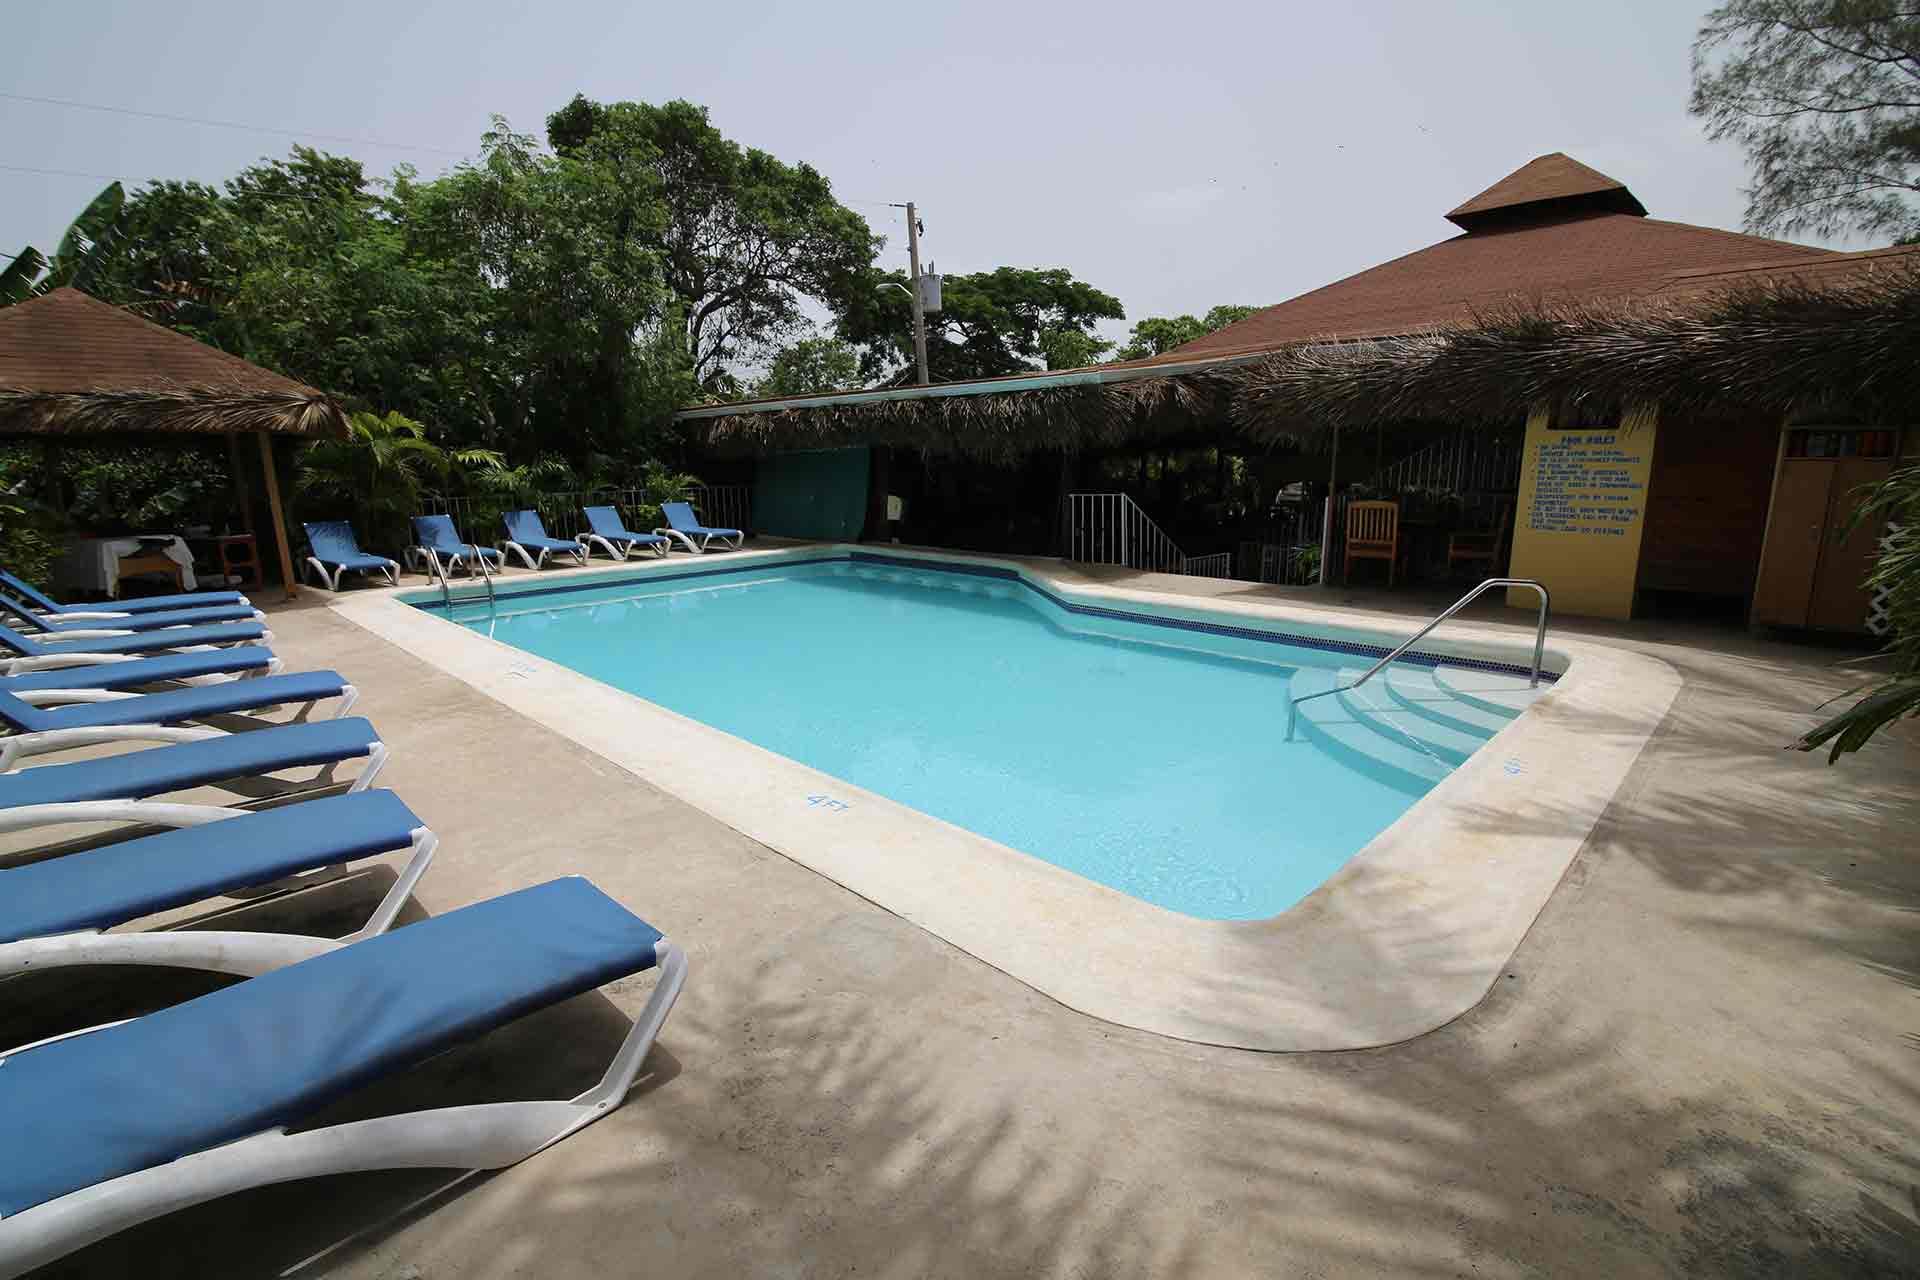 The Seastar Pool